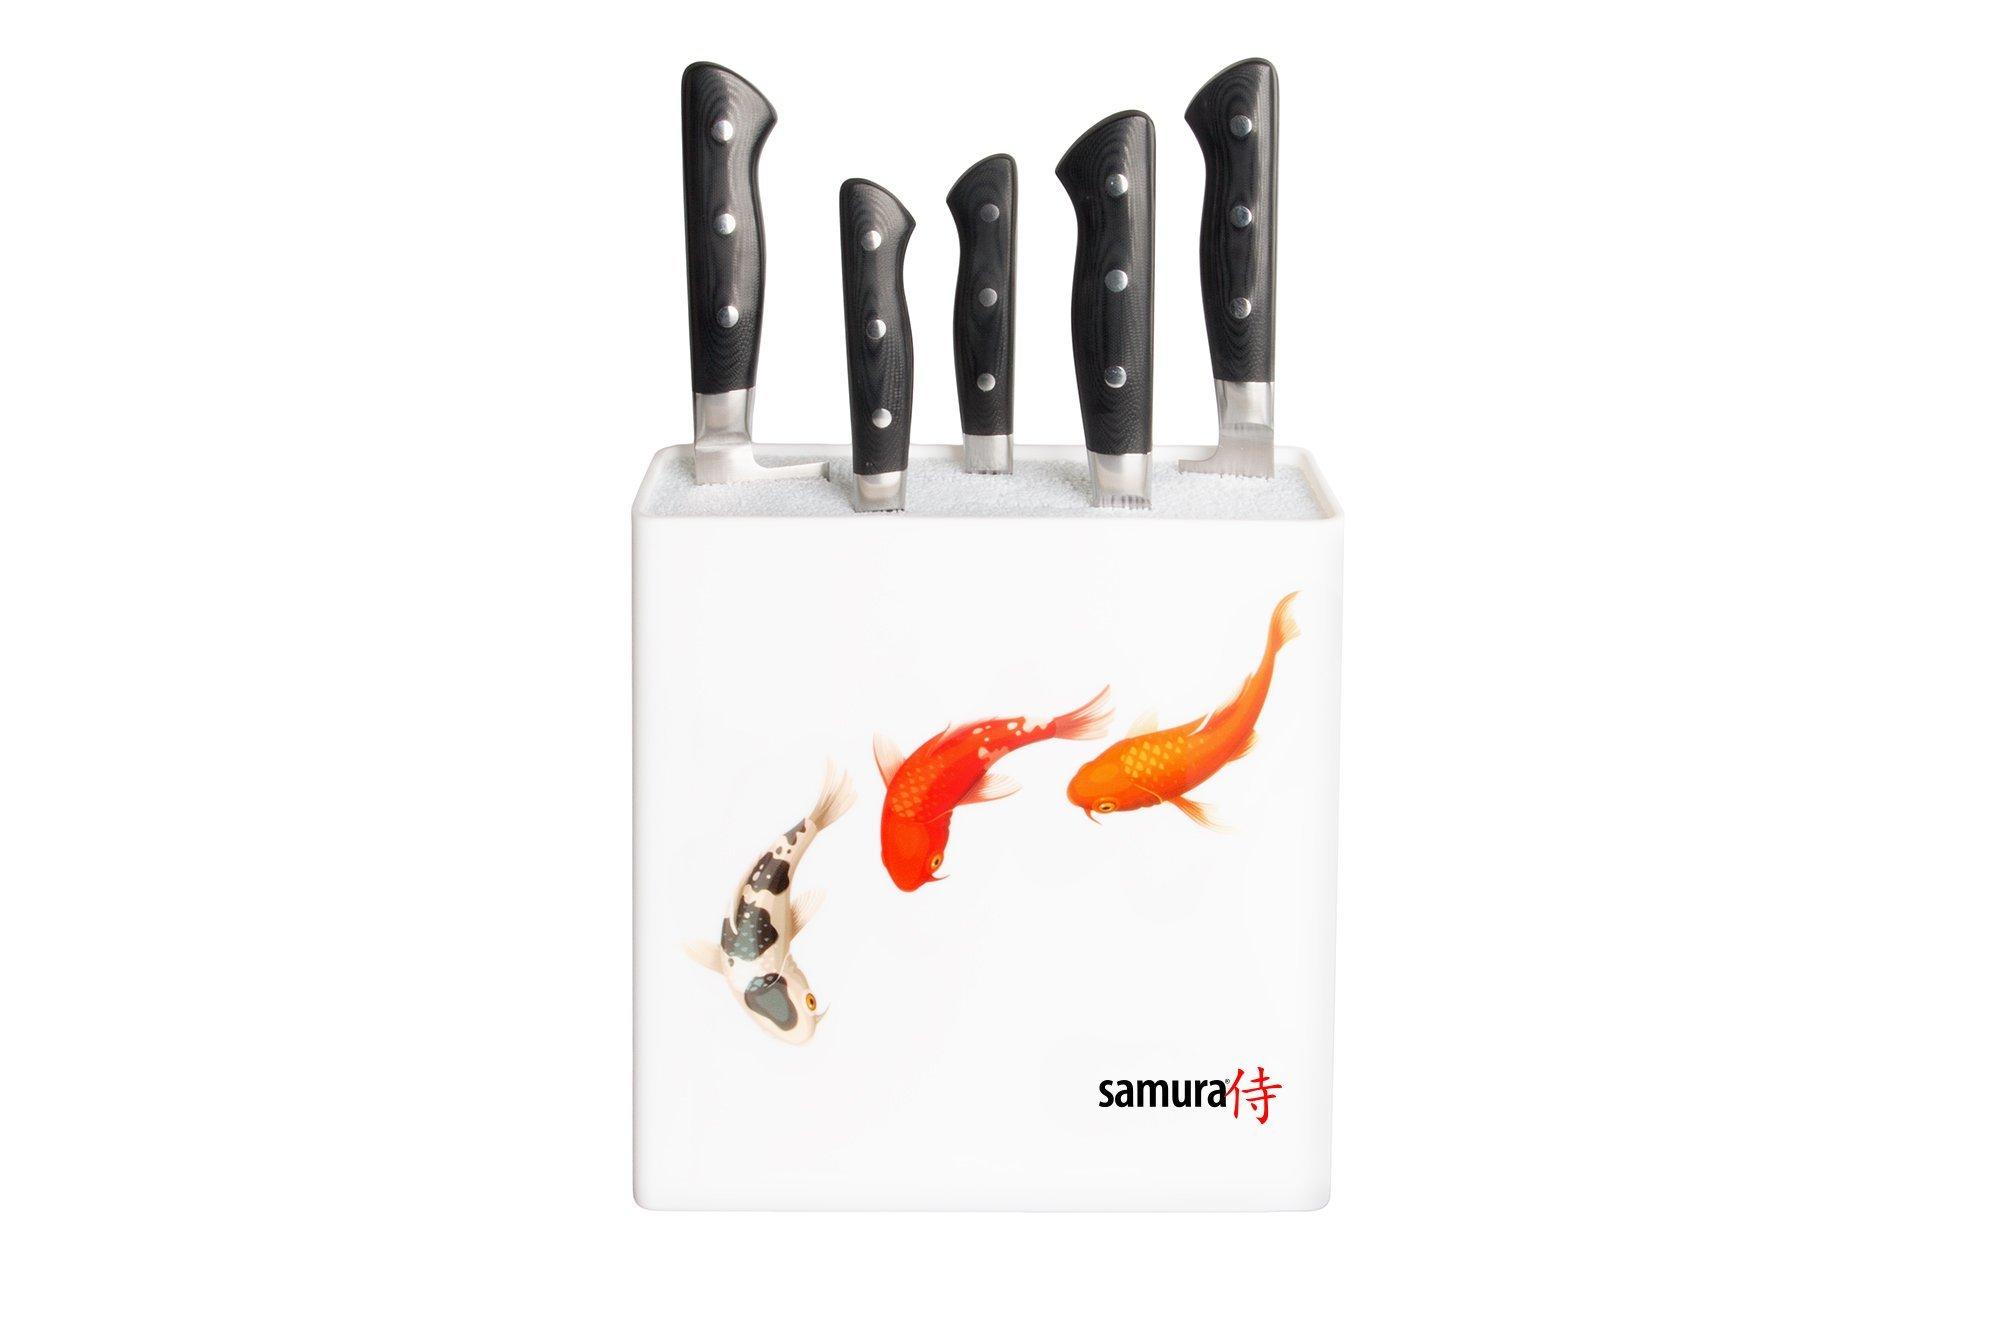 Подставка универсальная для ножей Samura, 230x225x82 мм, пластик (белая, рыбы)